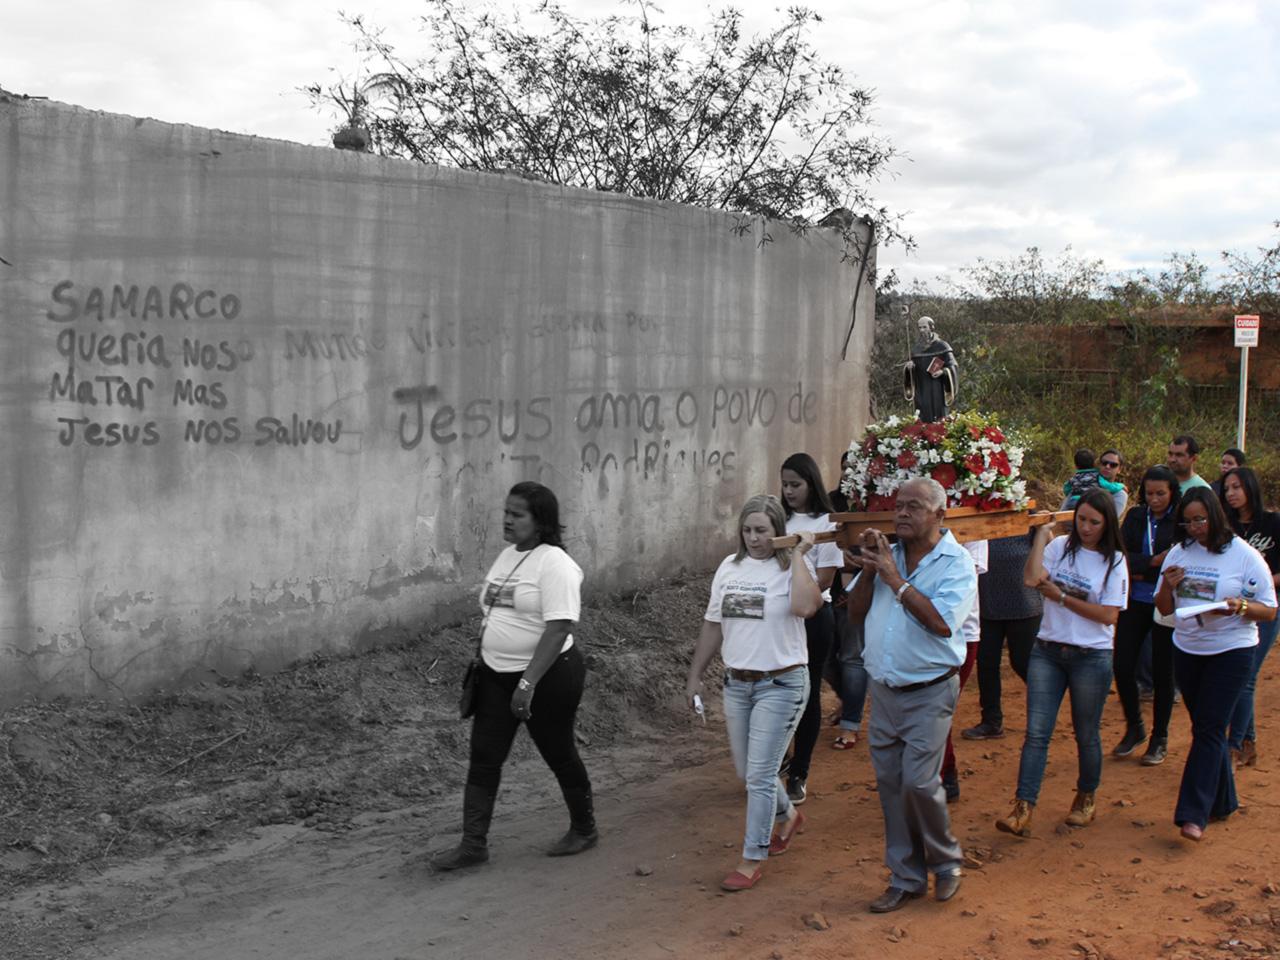 Fiéis saem em procissão em honra a São Bento, padroeiro de Bento Rodrigues. Desde julho de 2016, um grupo de ex-moradores volta às ruínas do distrito quase todos os finais de semana para celebrar datas religiosas